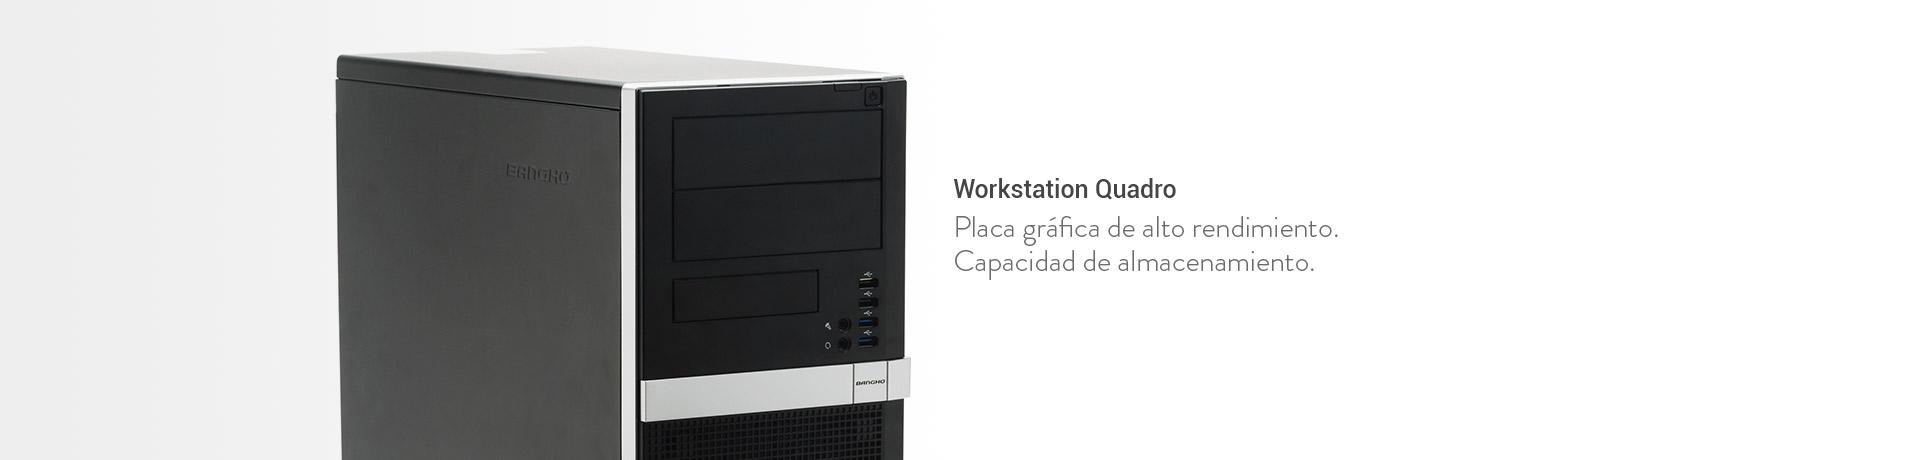 Grandes Empresas / Workstation